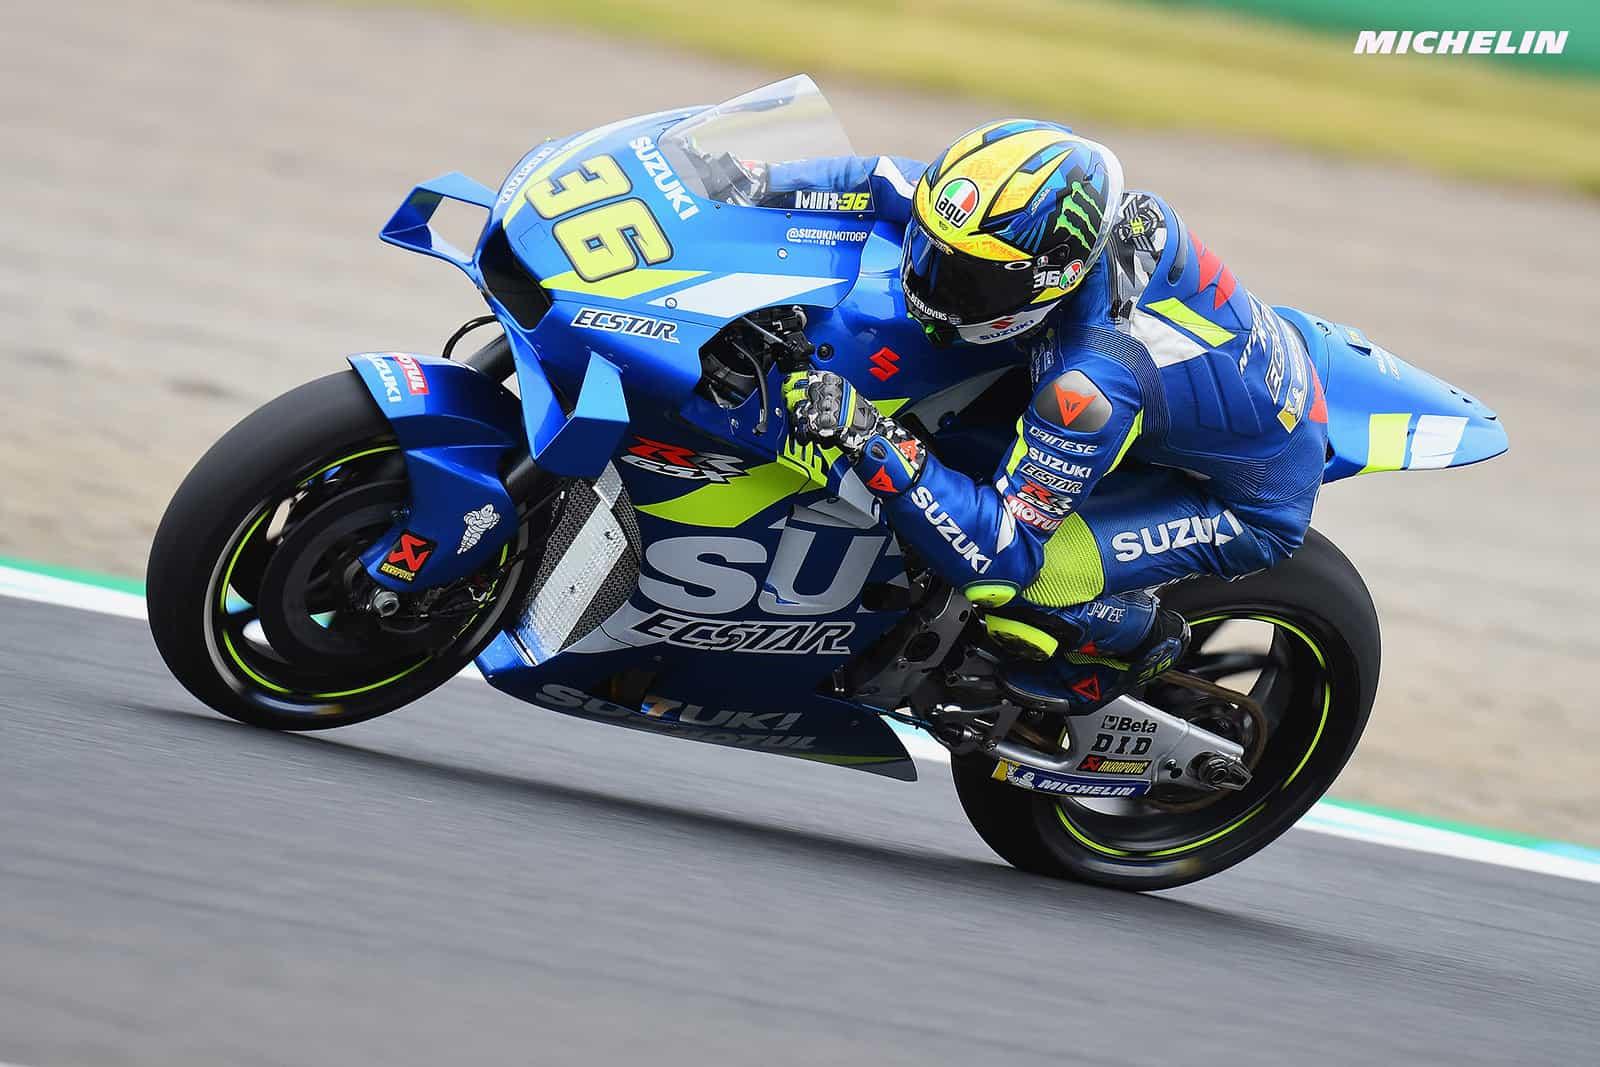 MotoGP2019日本GP FP2 9位ミル「ラップごとにタイムを改善出来た」